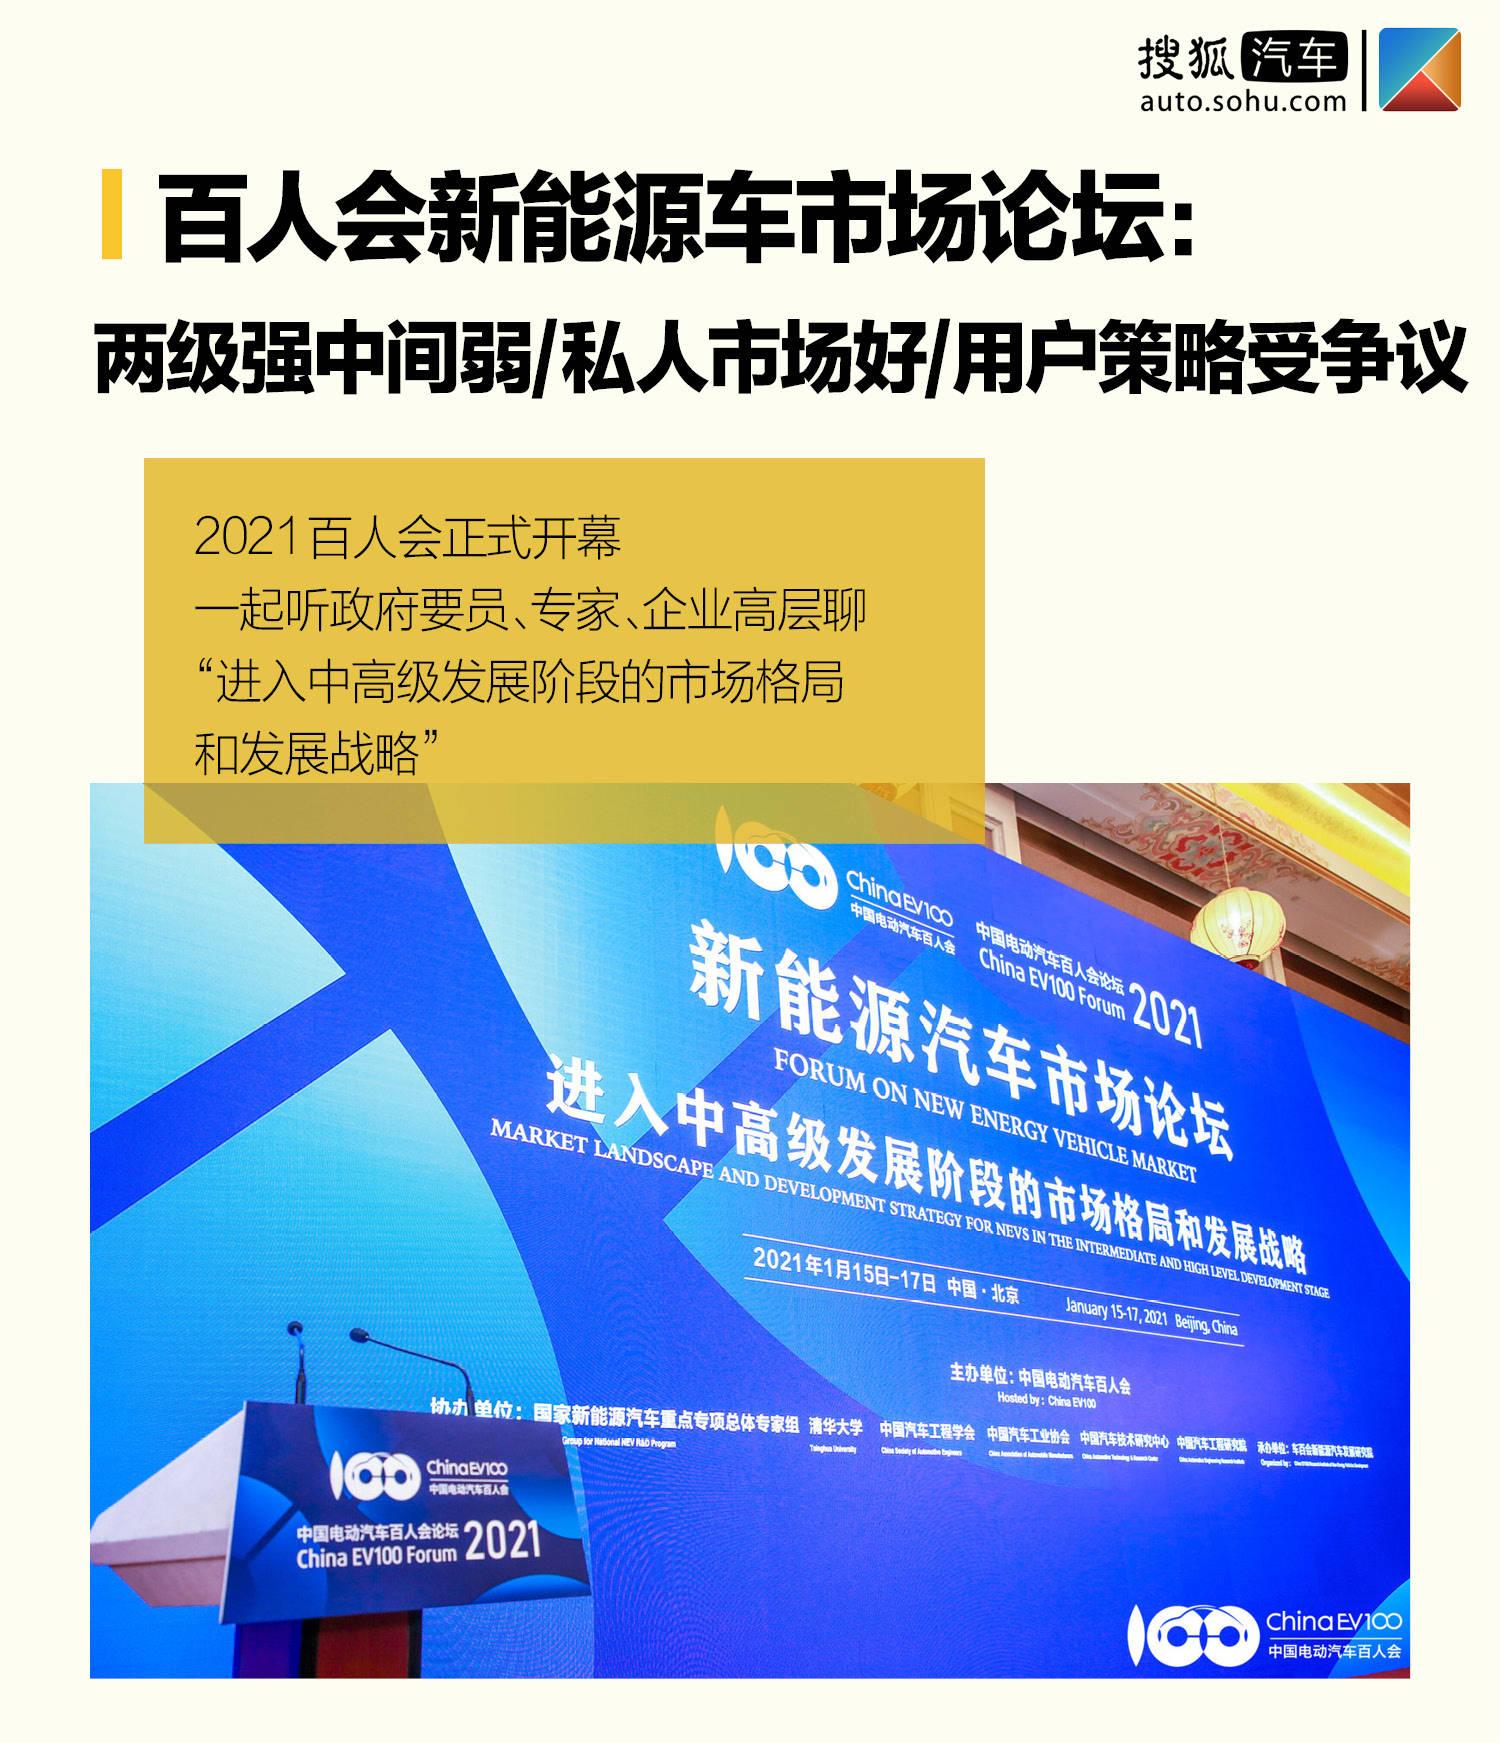 100新能源汽车市场论坛原委员会:二级强中弱/私企好/用户策略有争议